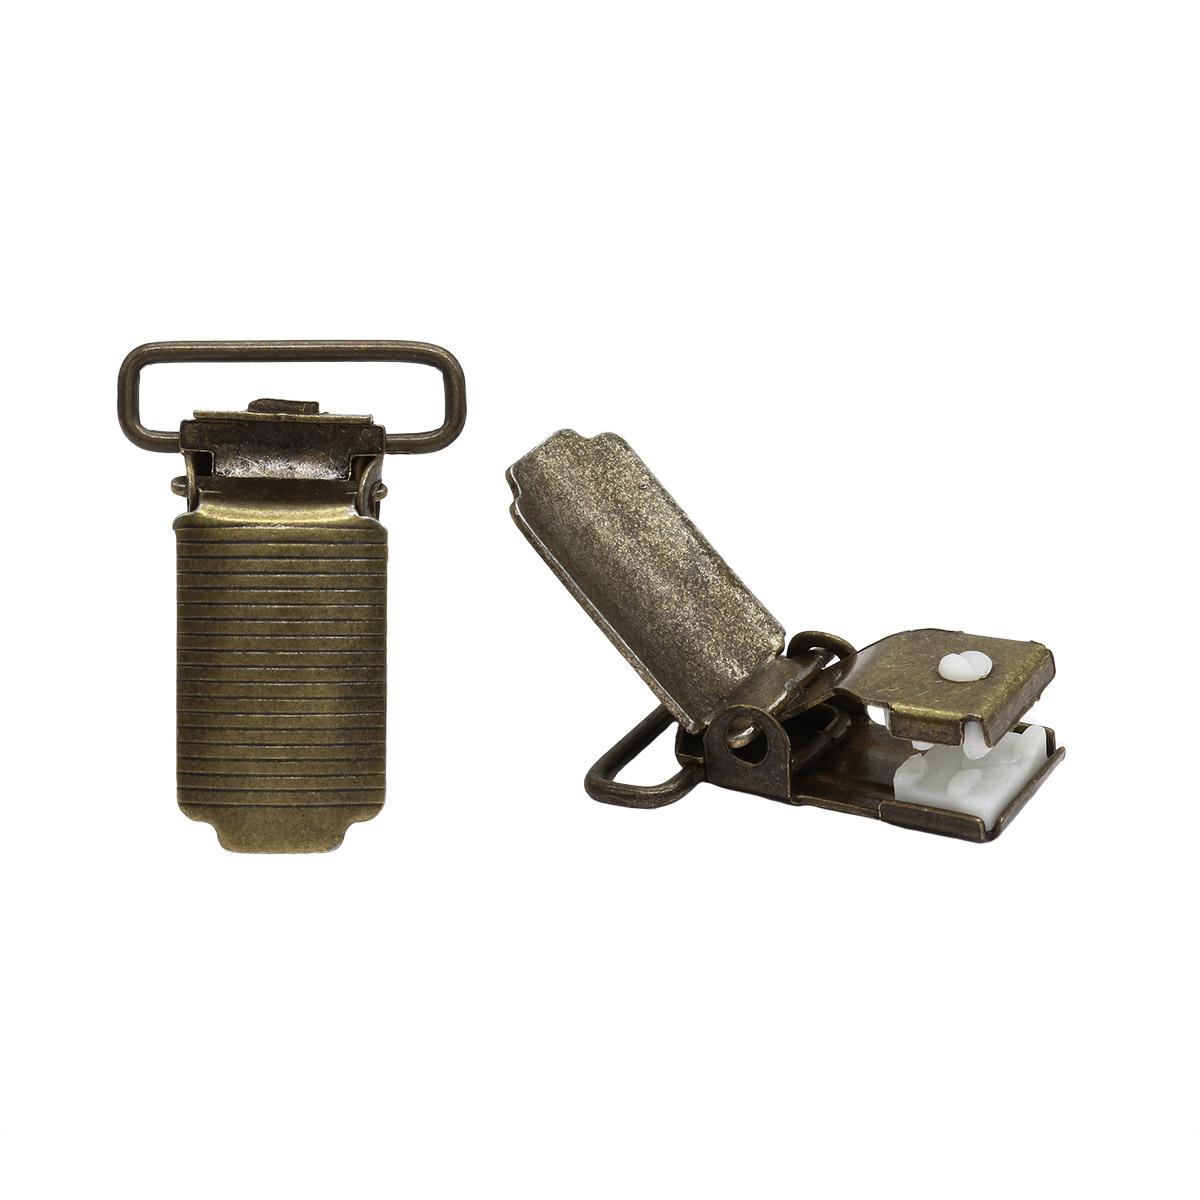 Клипса для подтяжек 'полоса' 20 мм, сталь